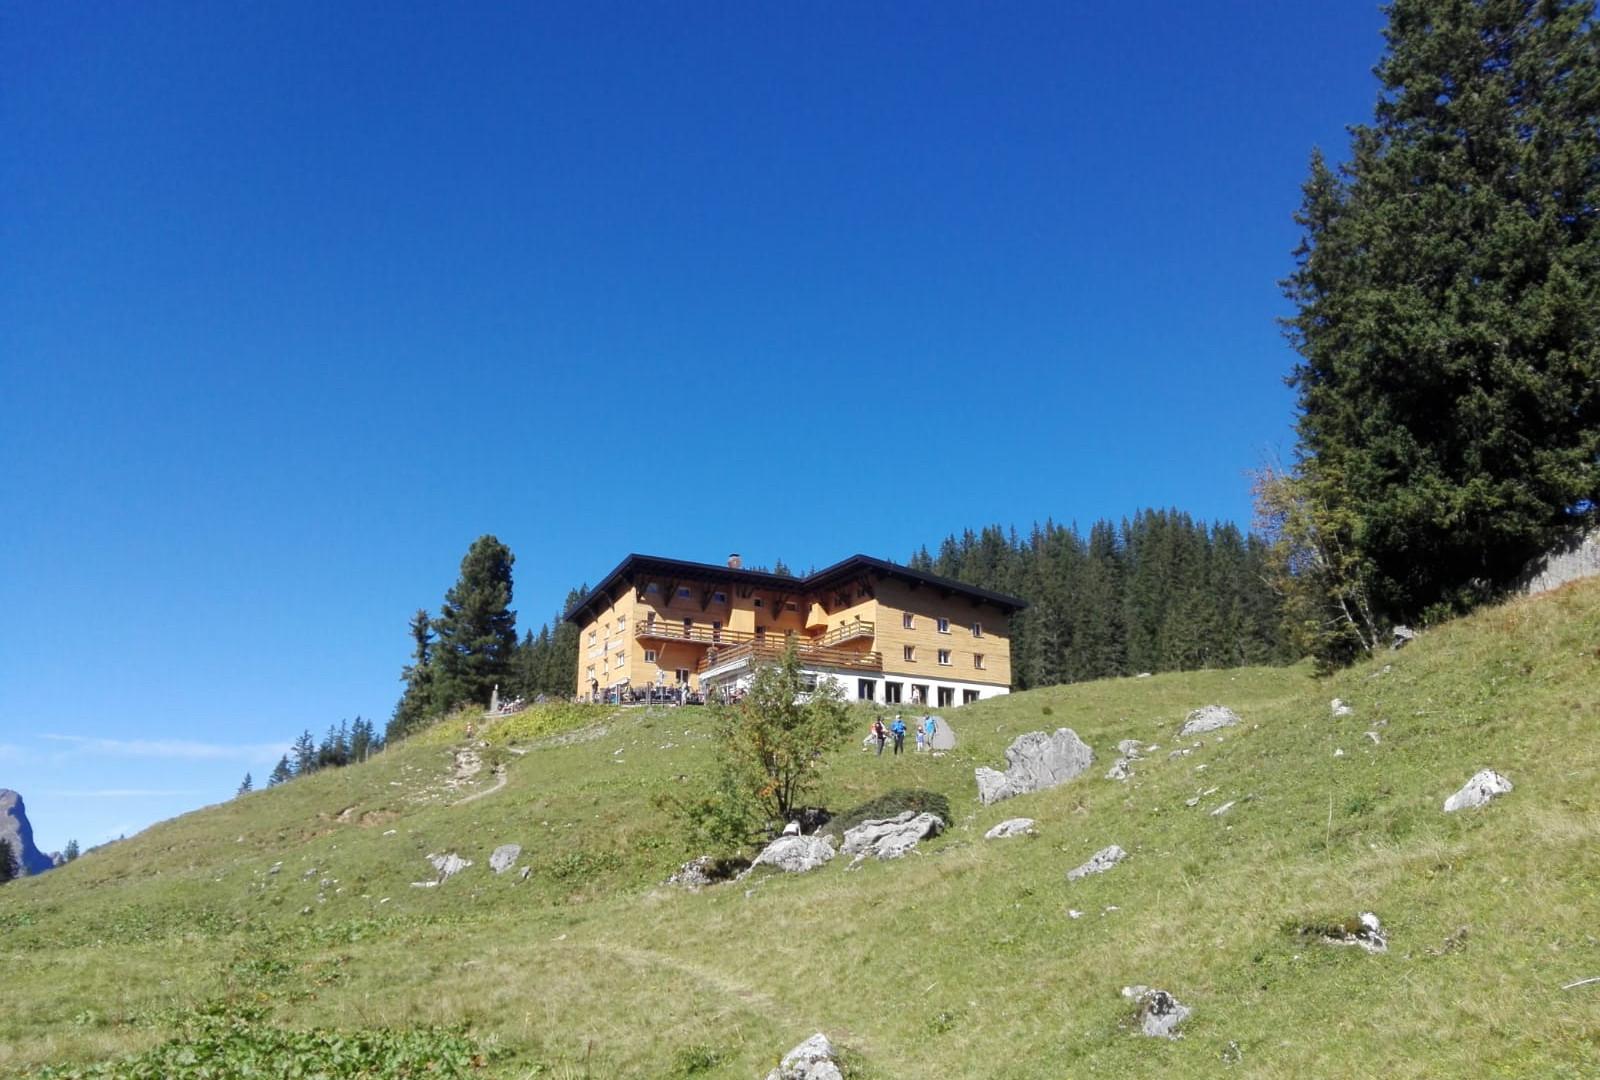 2019-09-27 Wanderung Lechtal (117).jpg